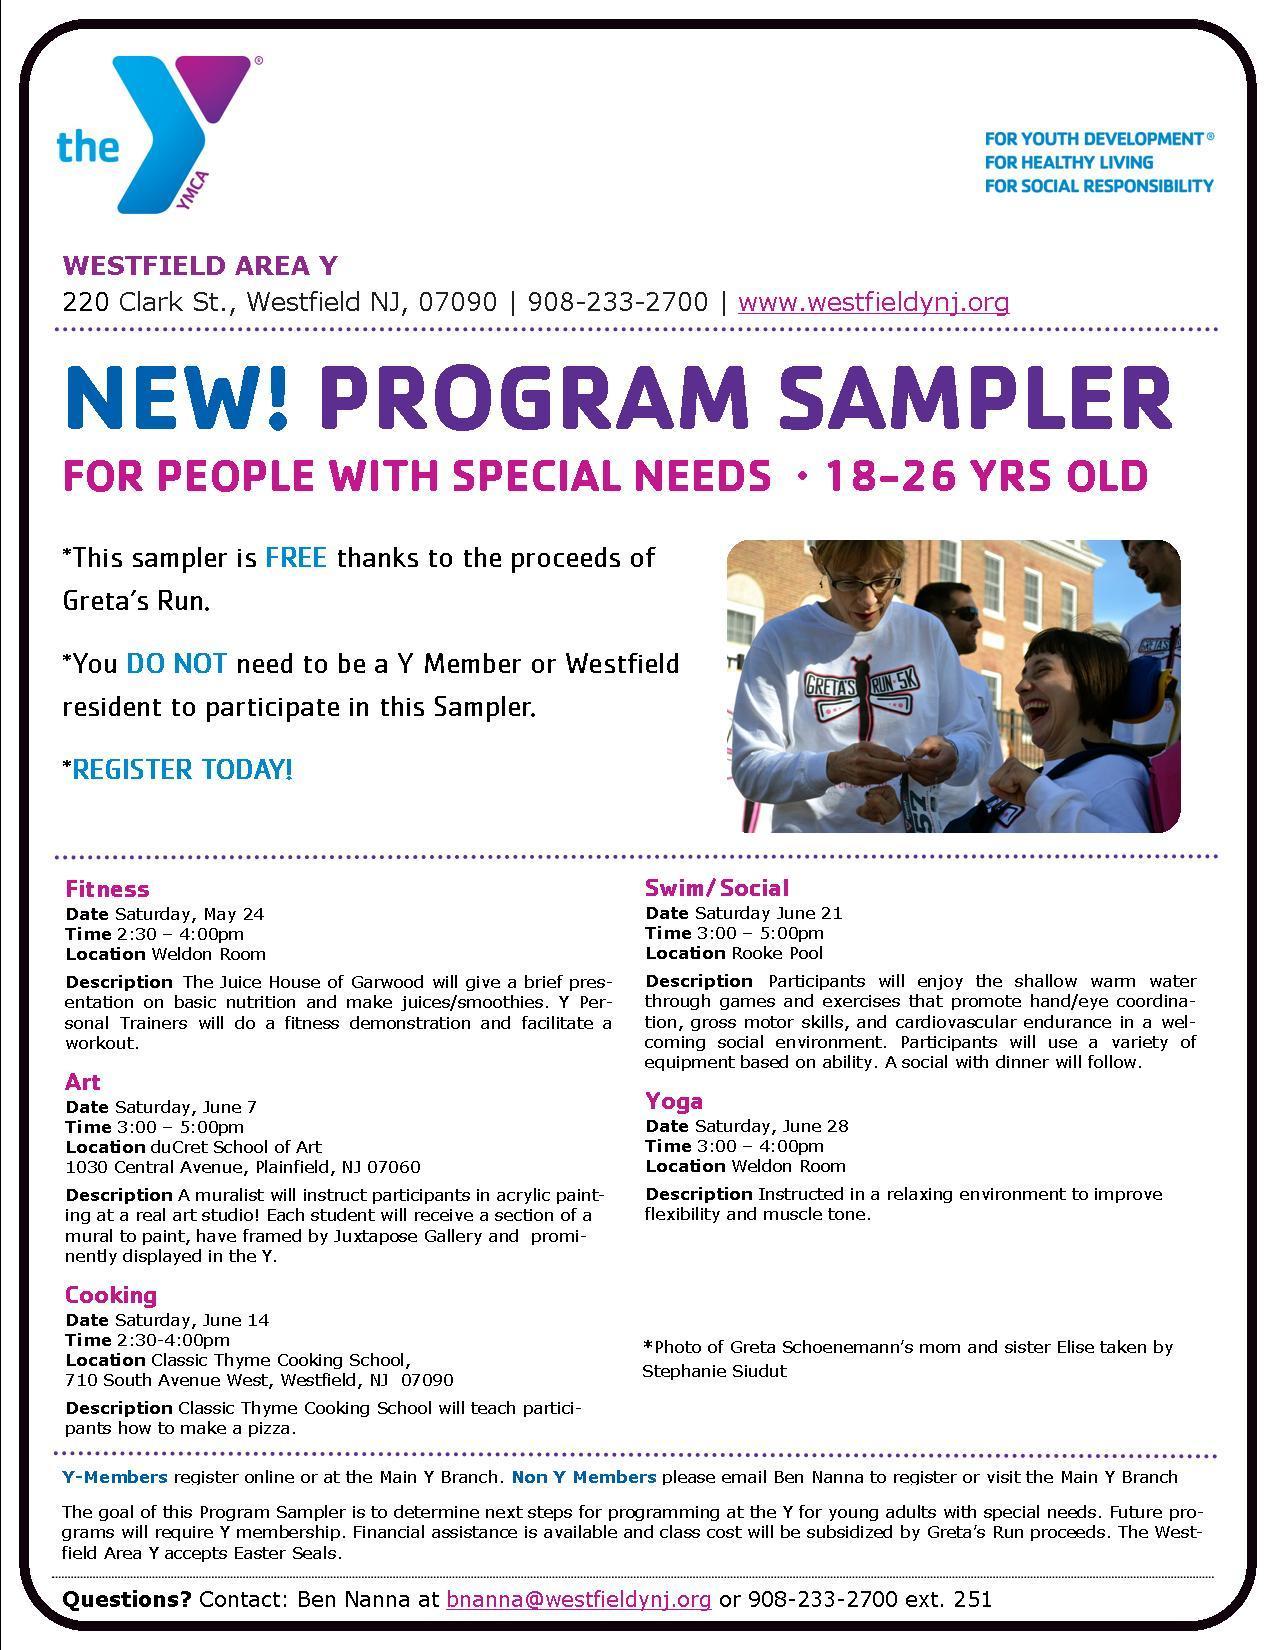 c85070aa9535c5a4d580_Program_Sampler_Flyer.jpg